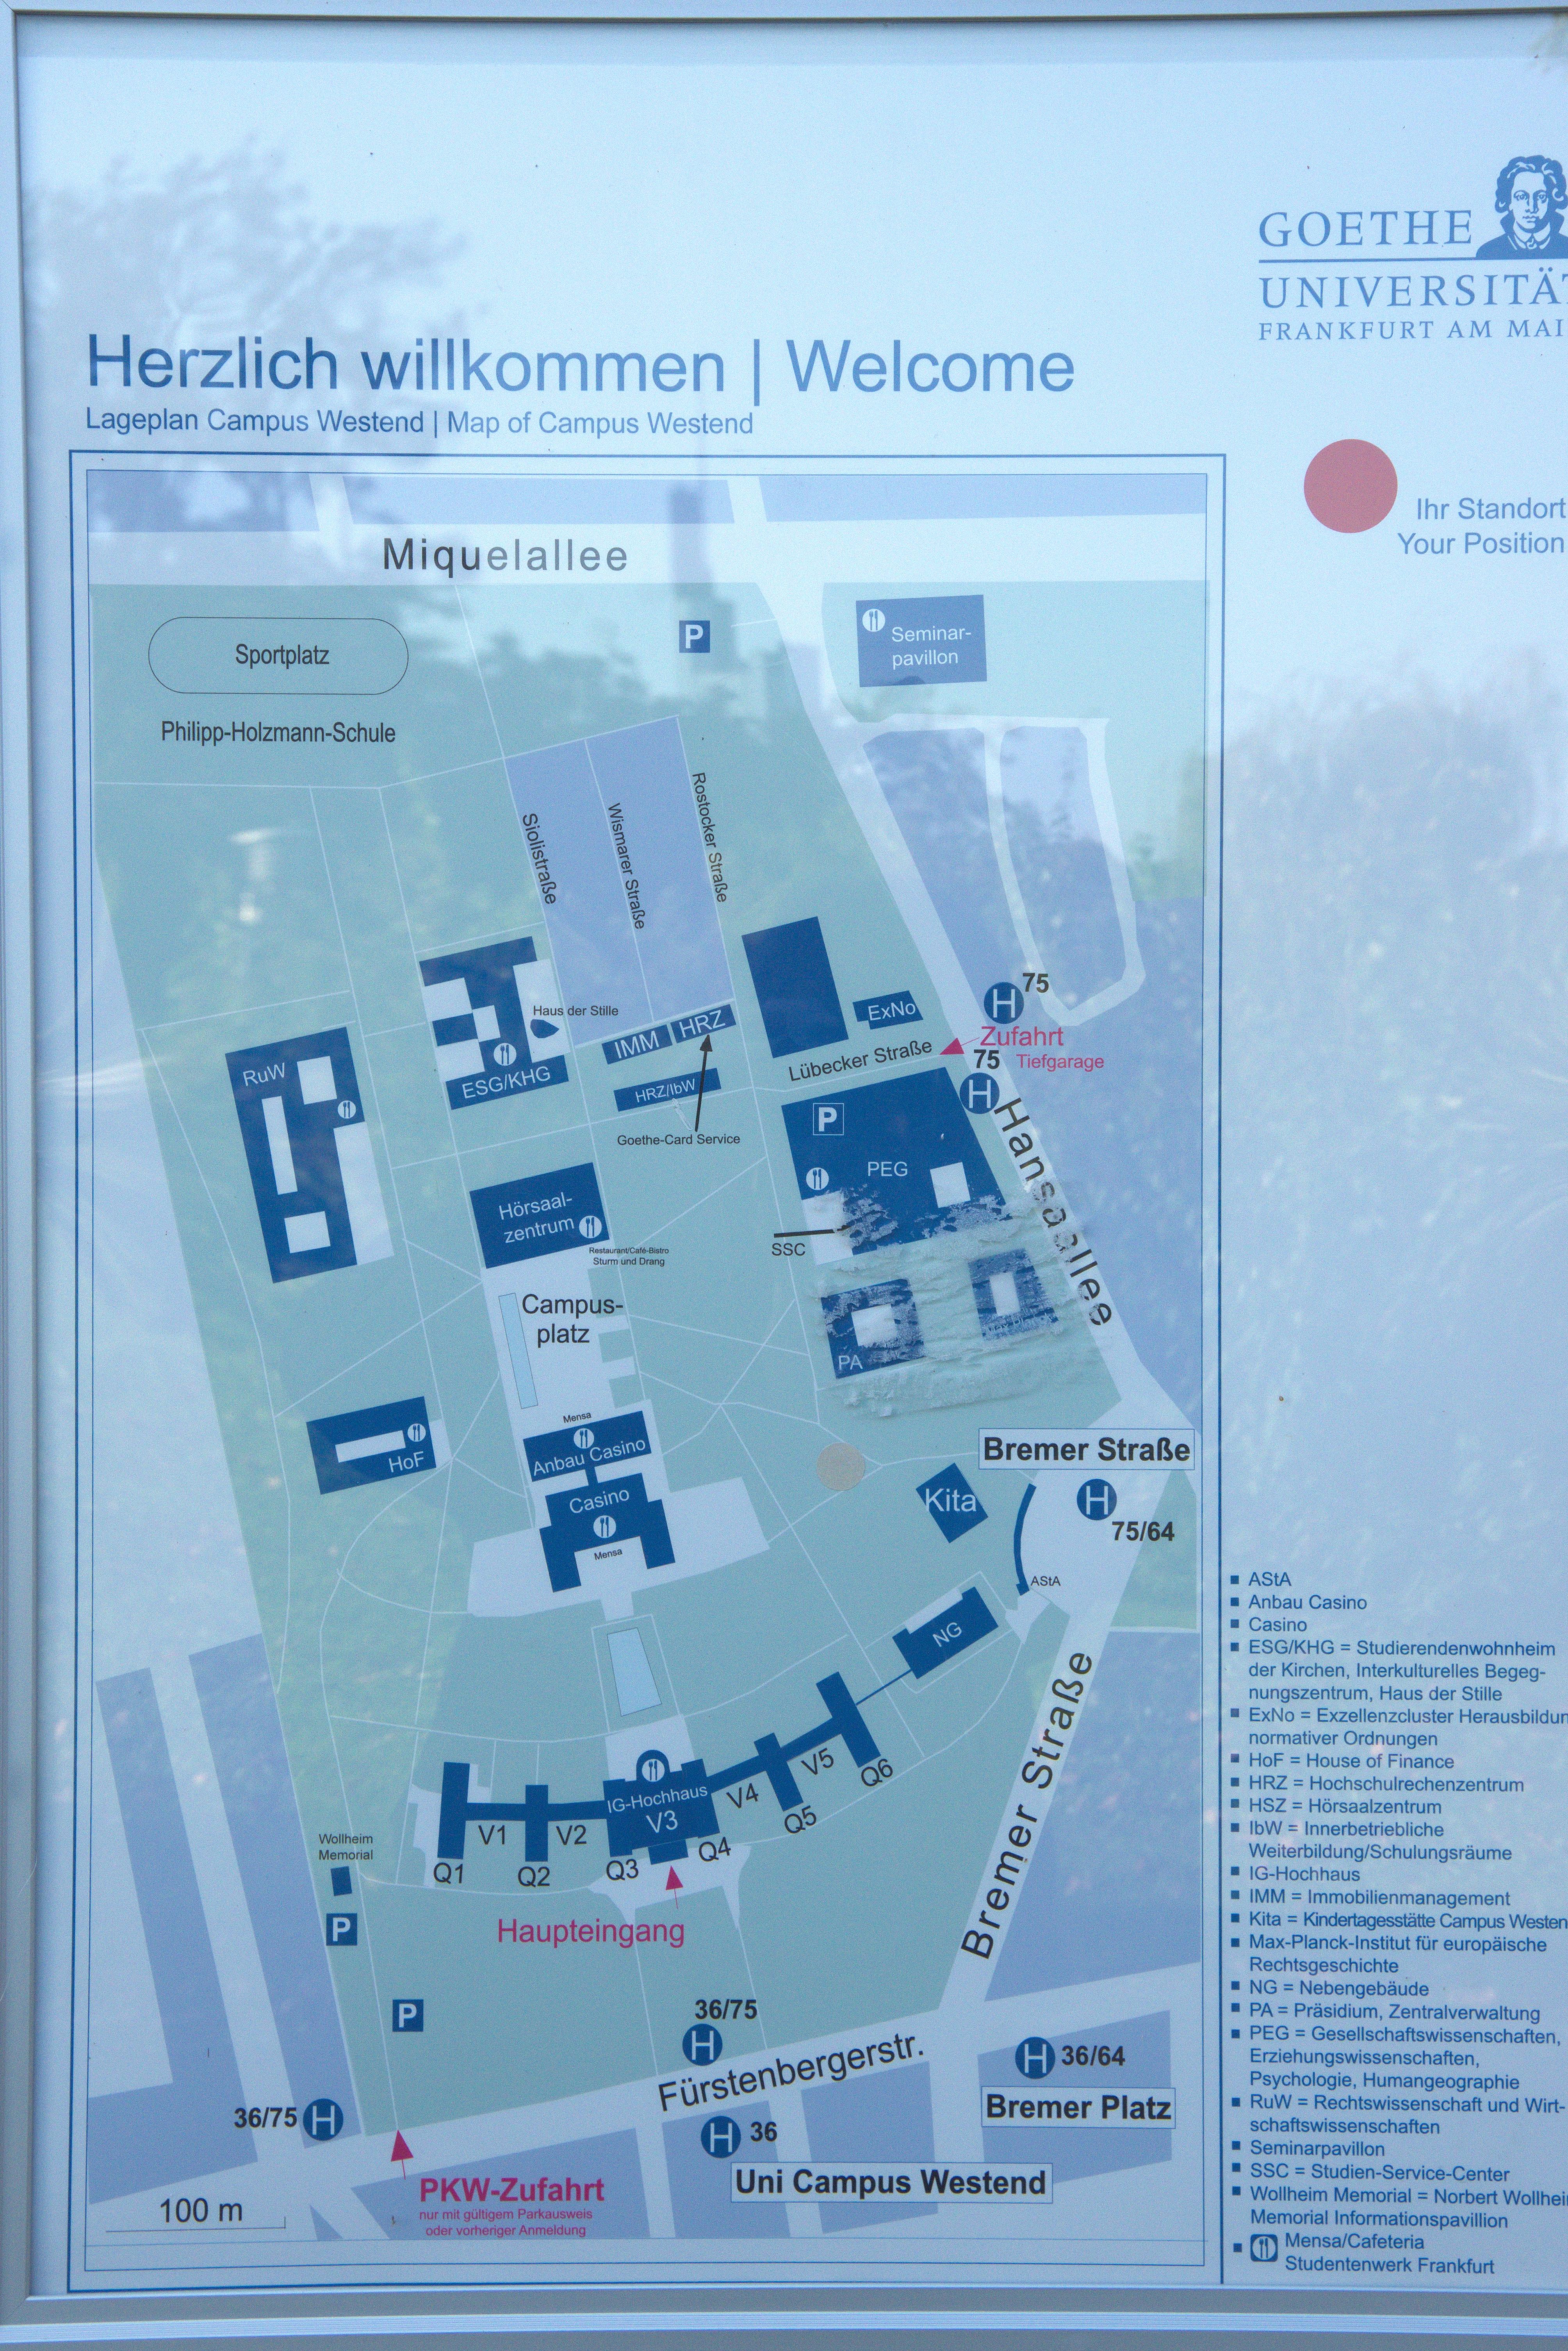 Institut Für Humangeographie Frankfurt